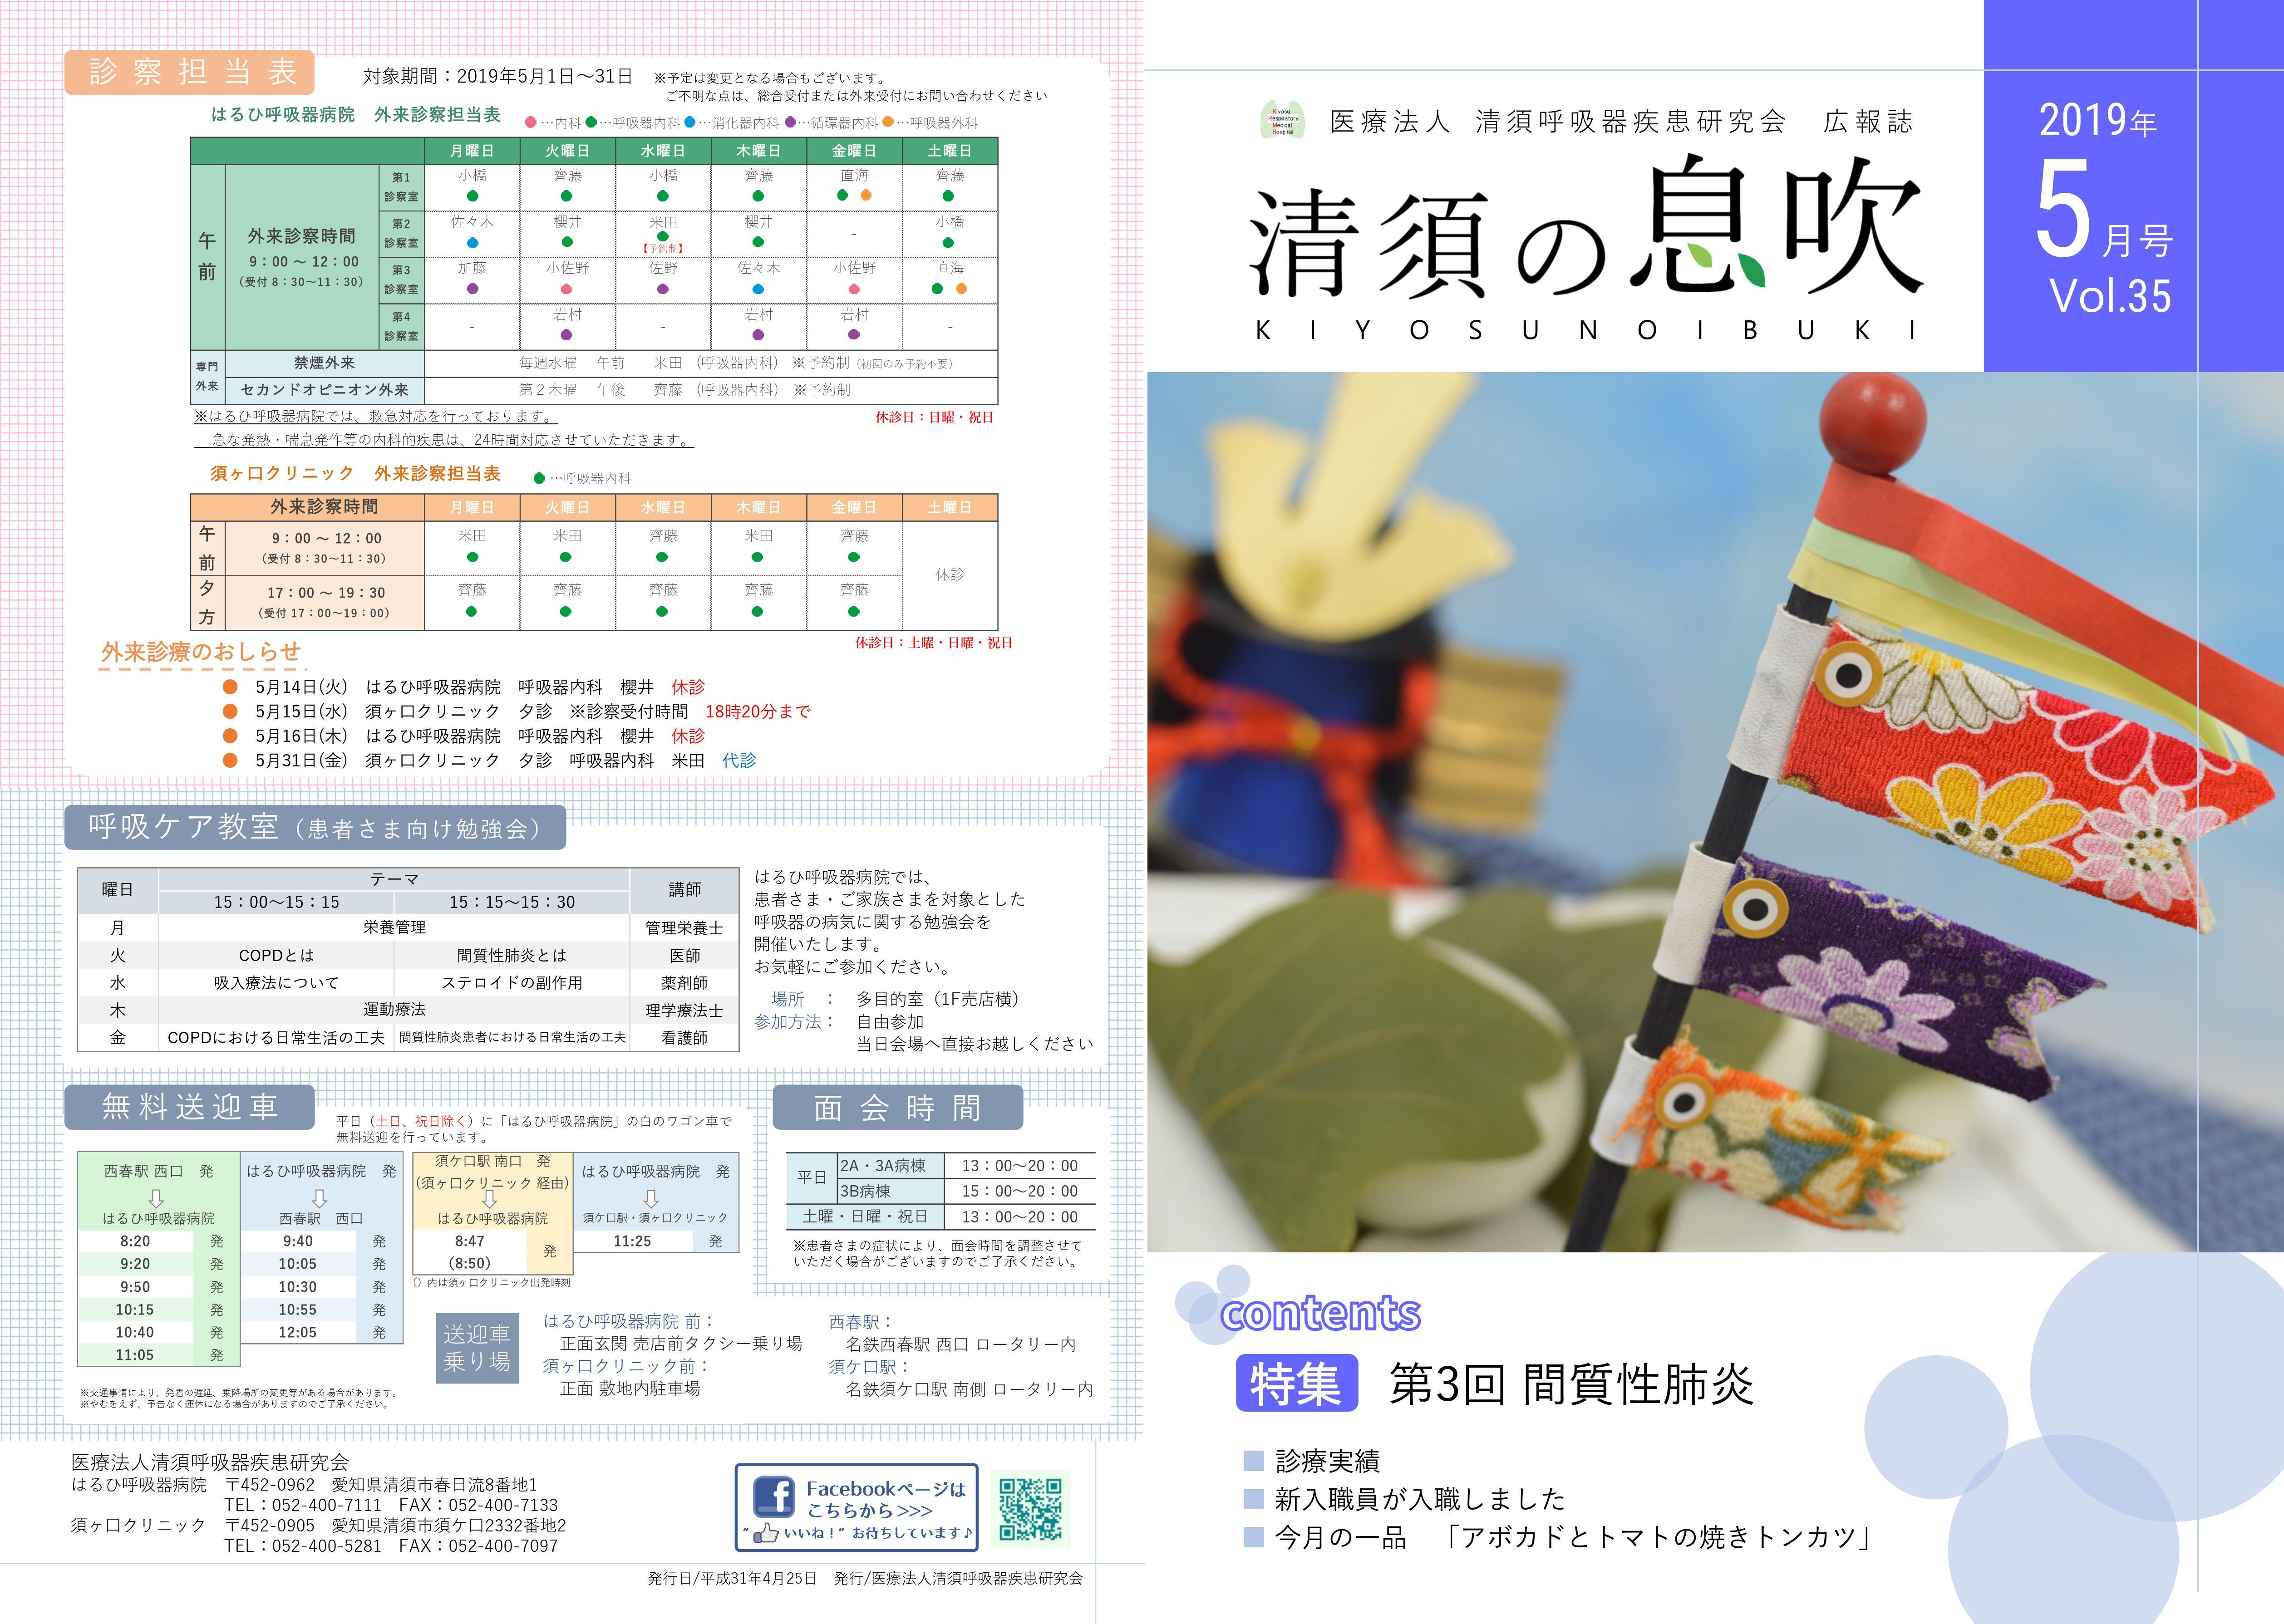 201905間質性肺炎31